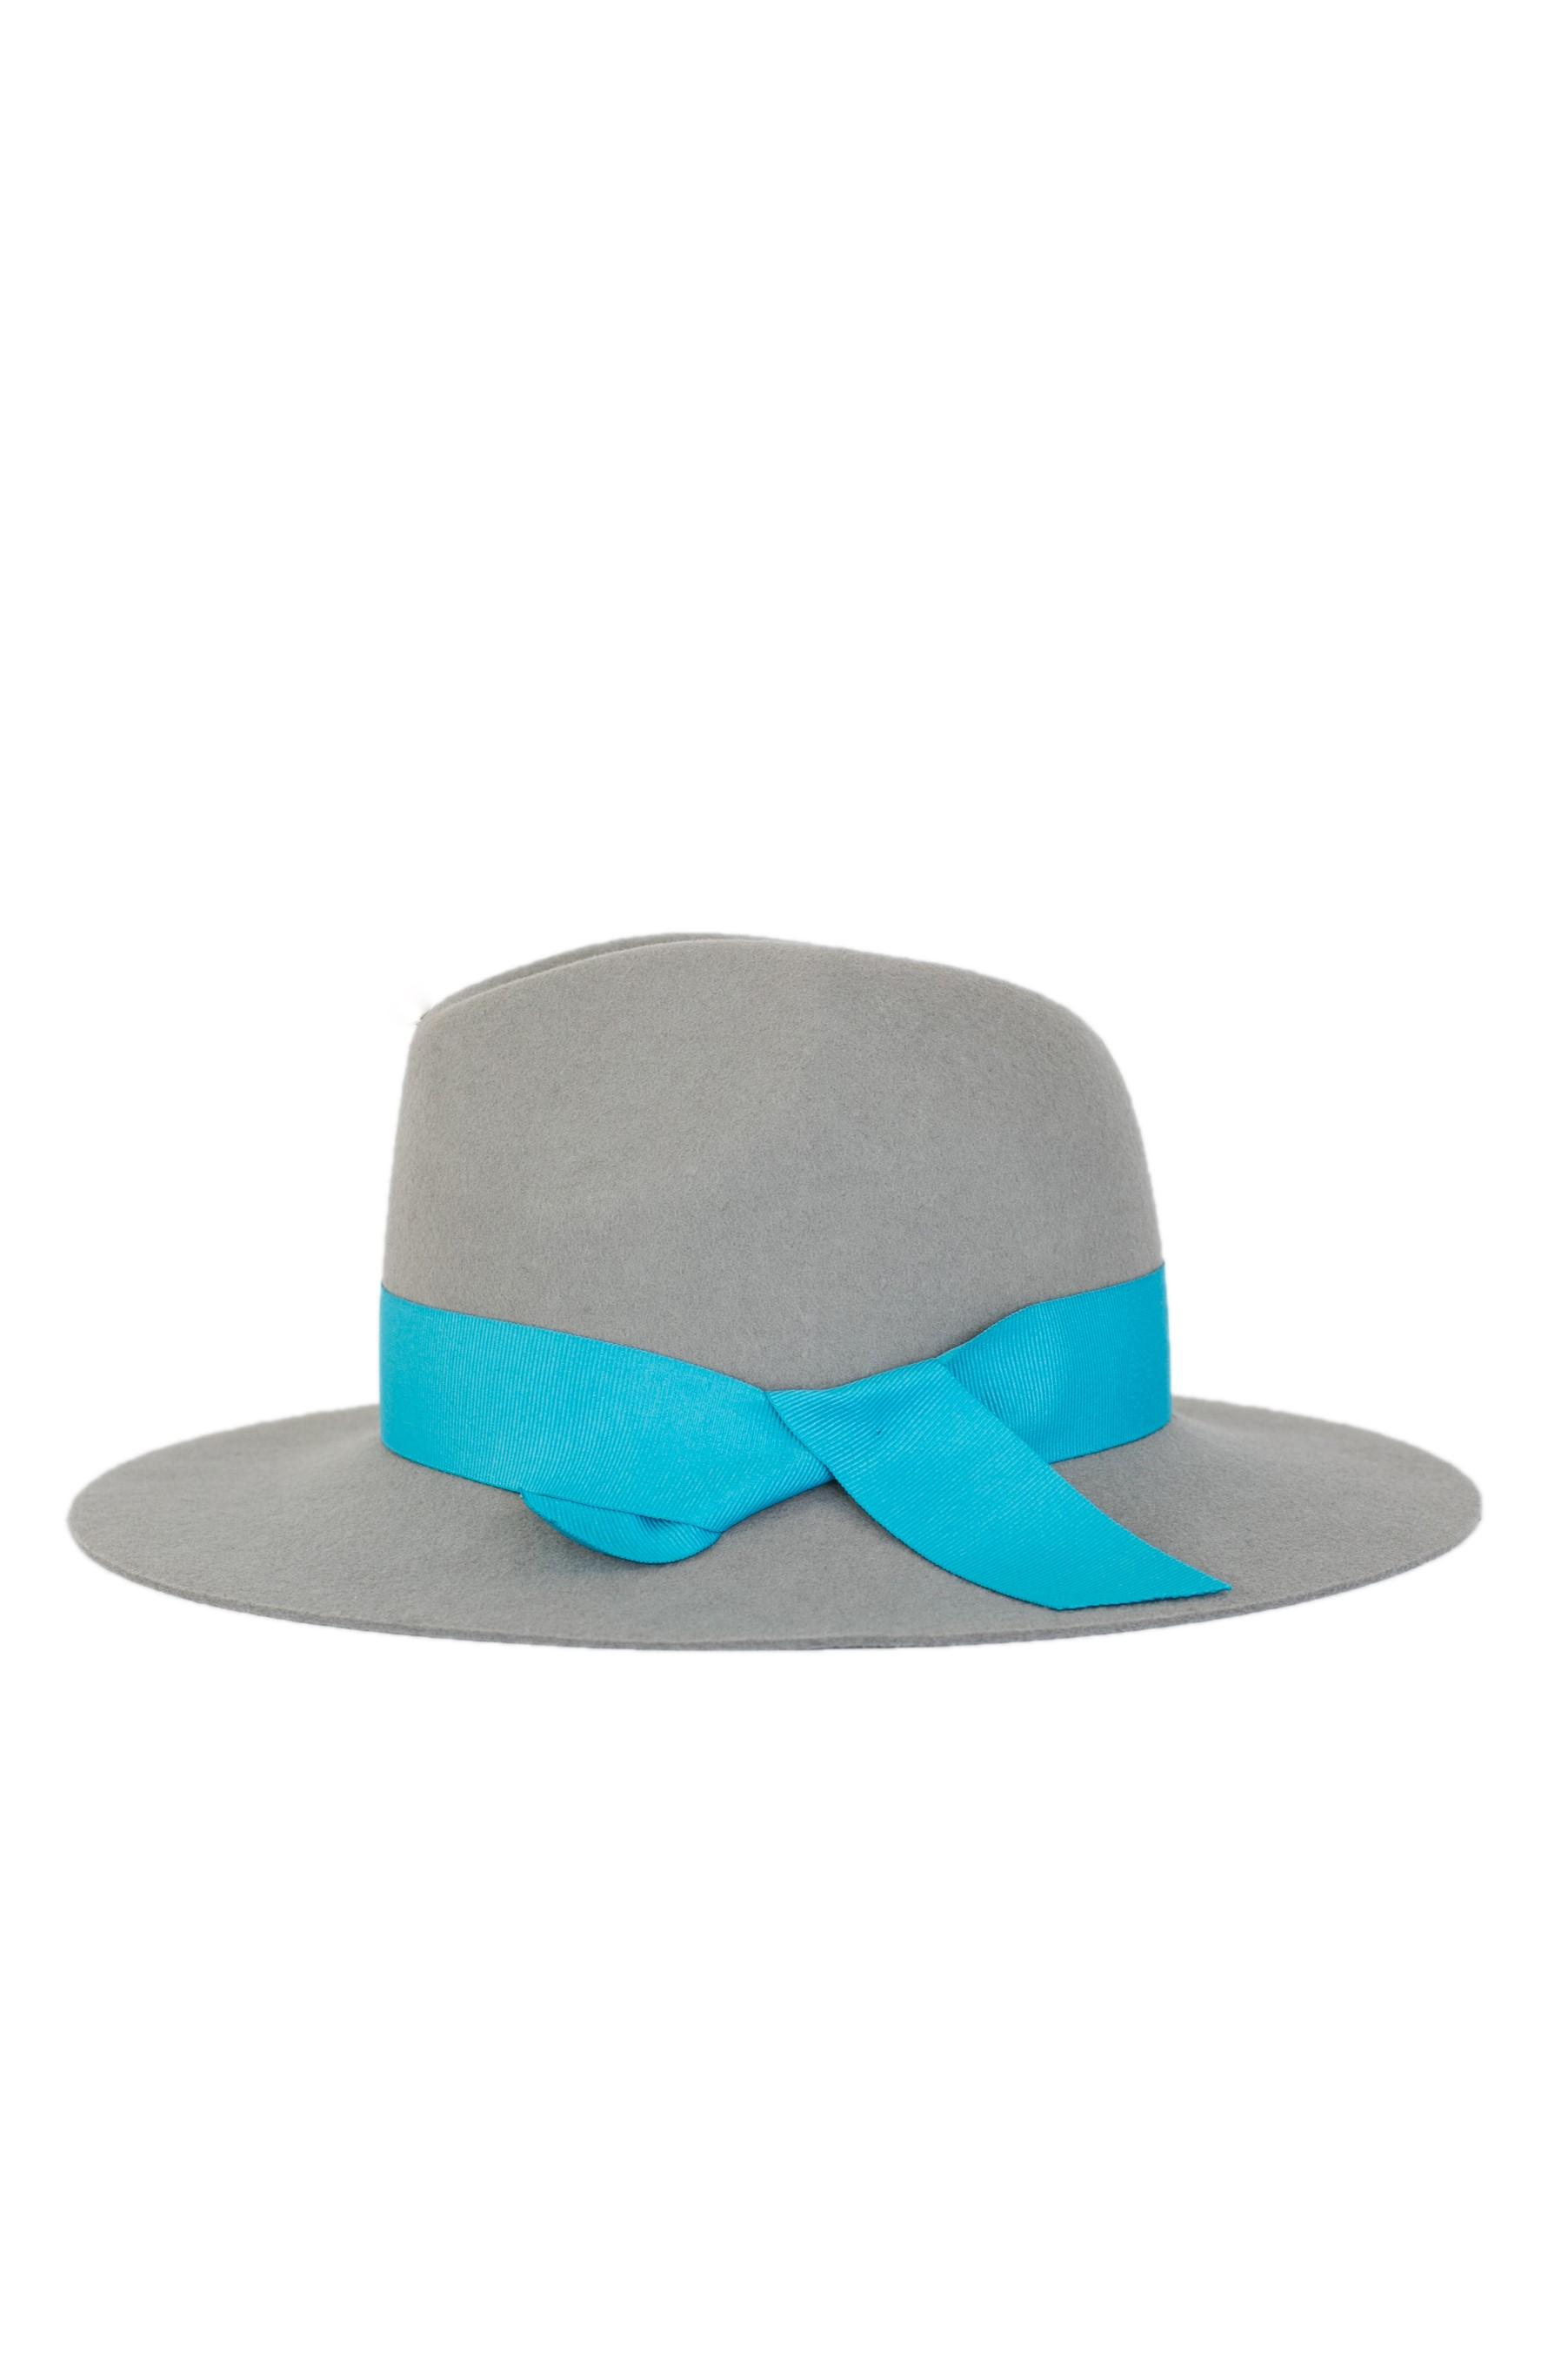 kapelusz indy wiązany 10